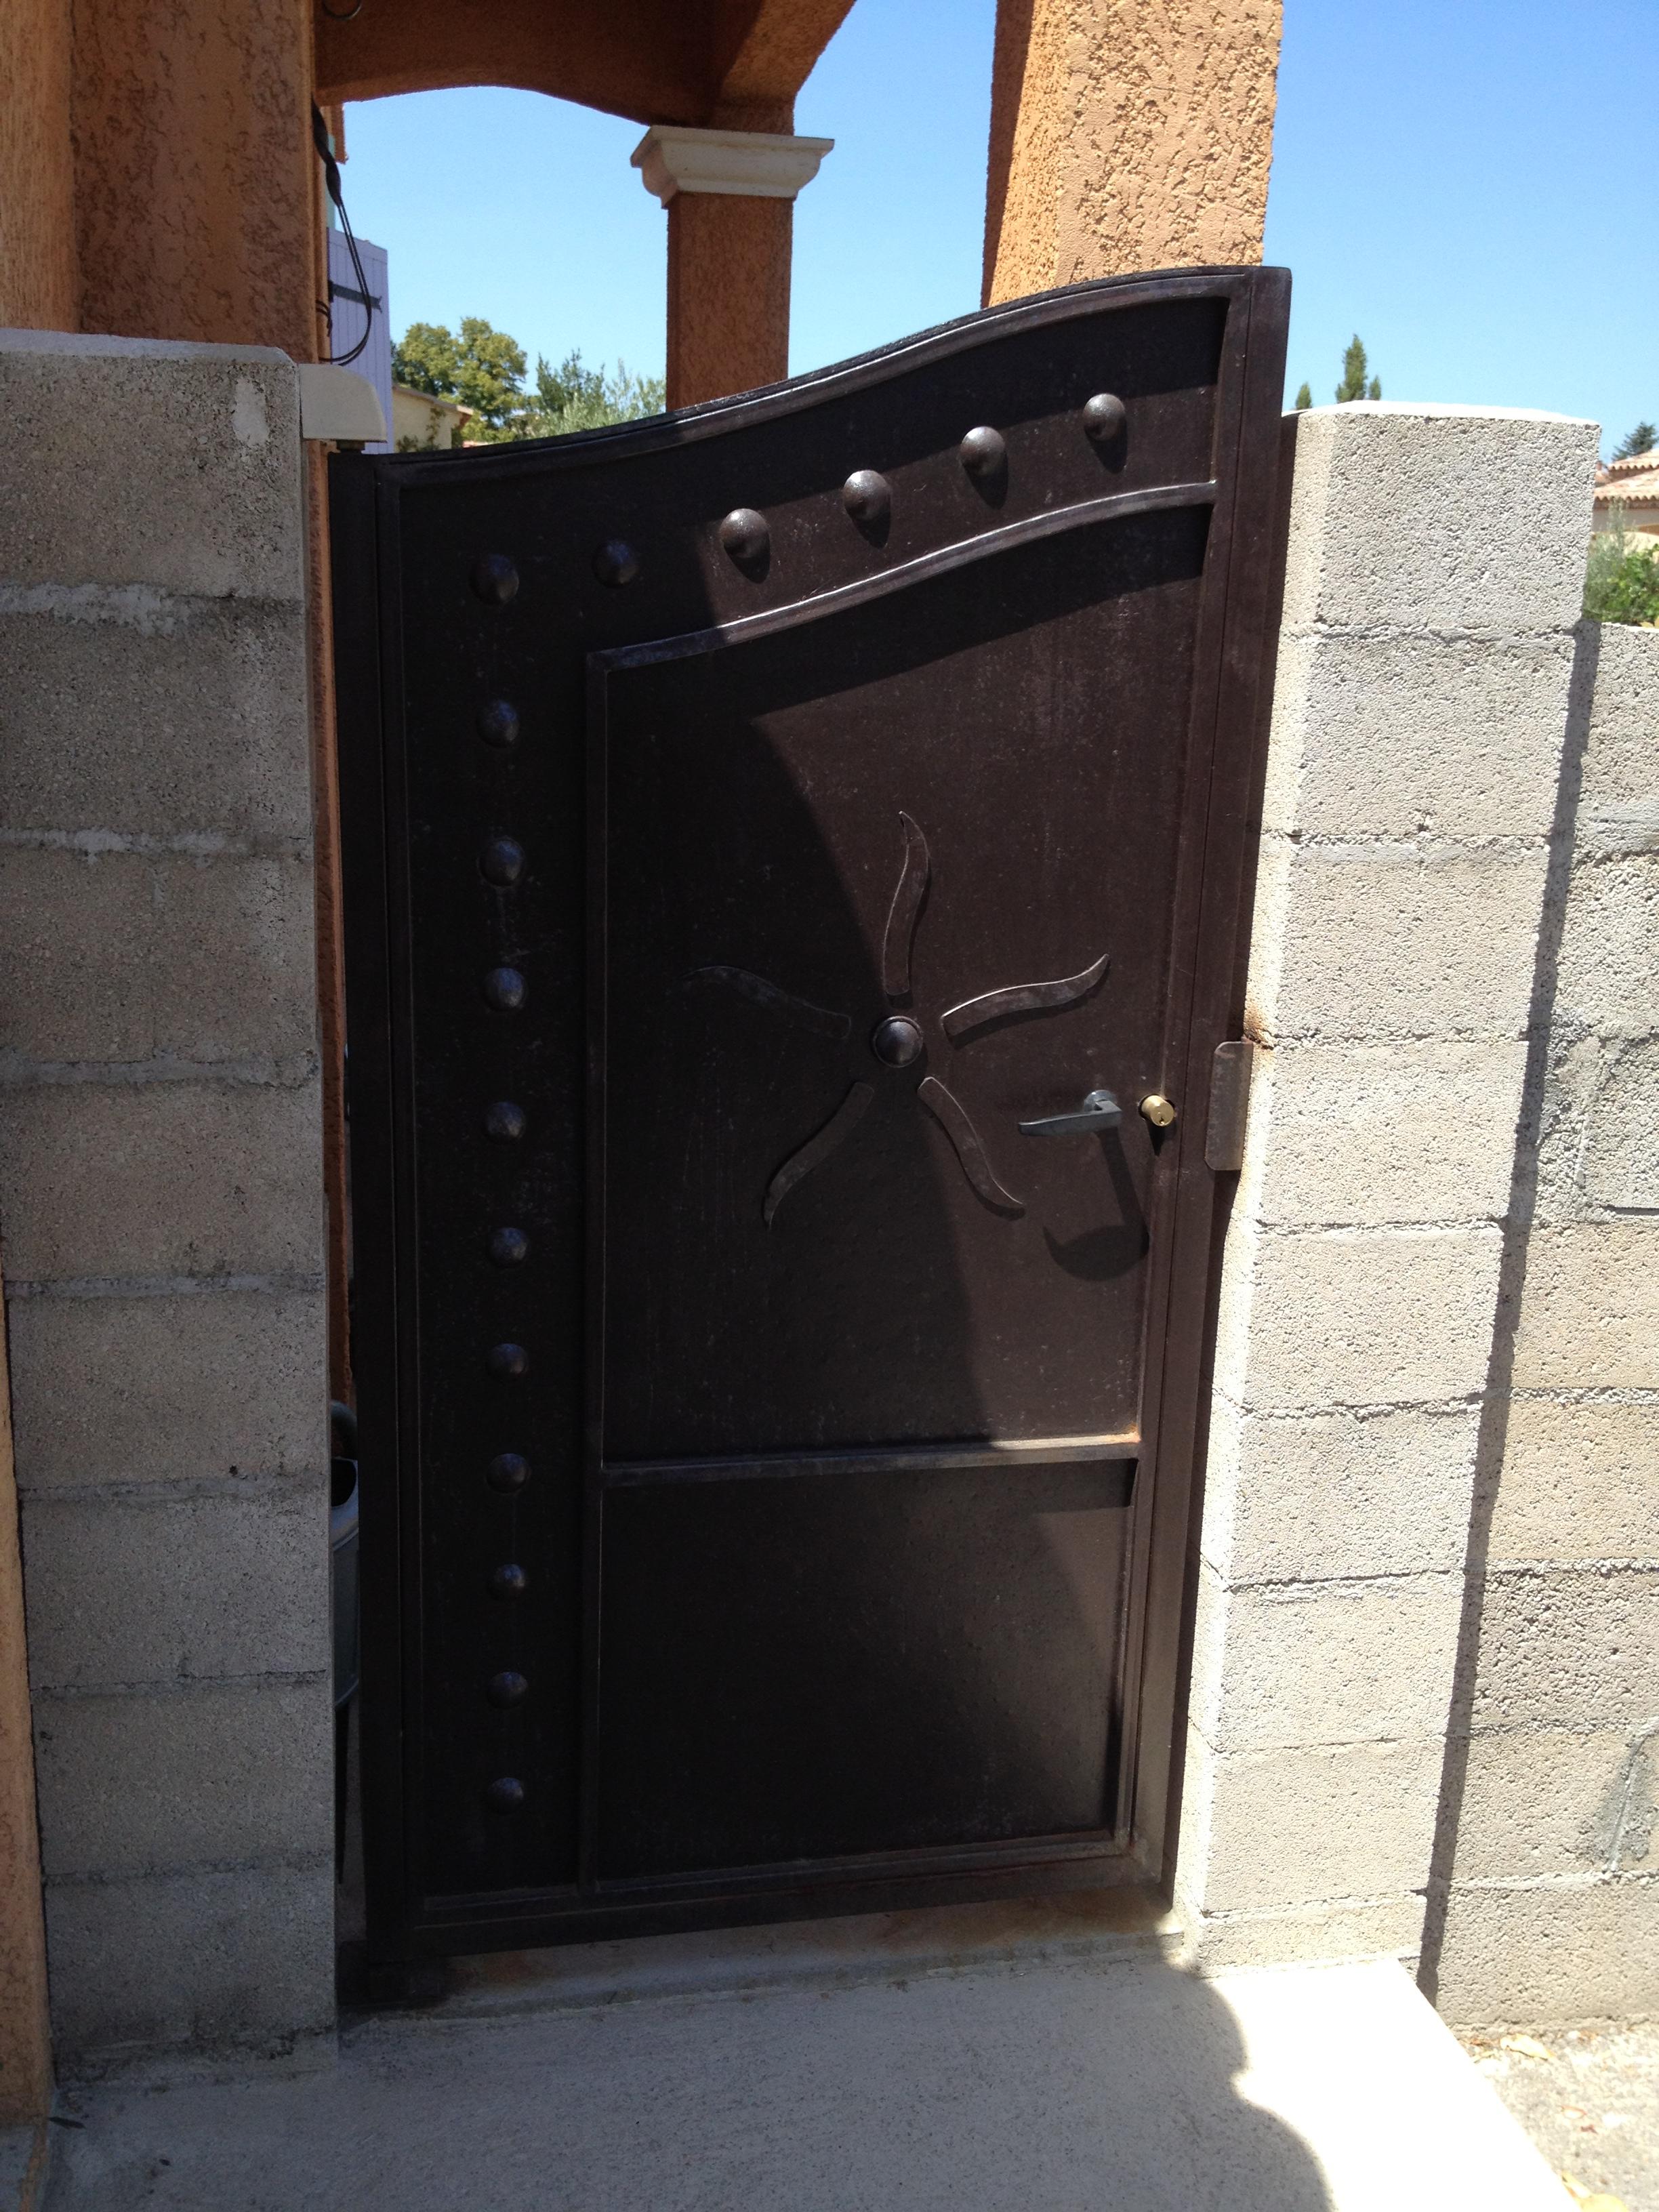 portillon - fer et pierre - ferronnerie d'art - carreaux de ciment